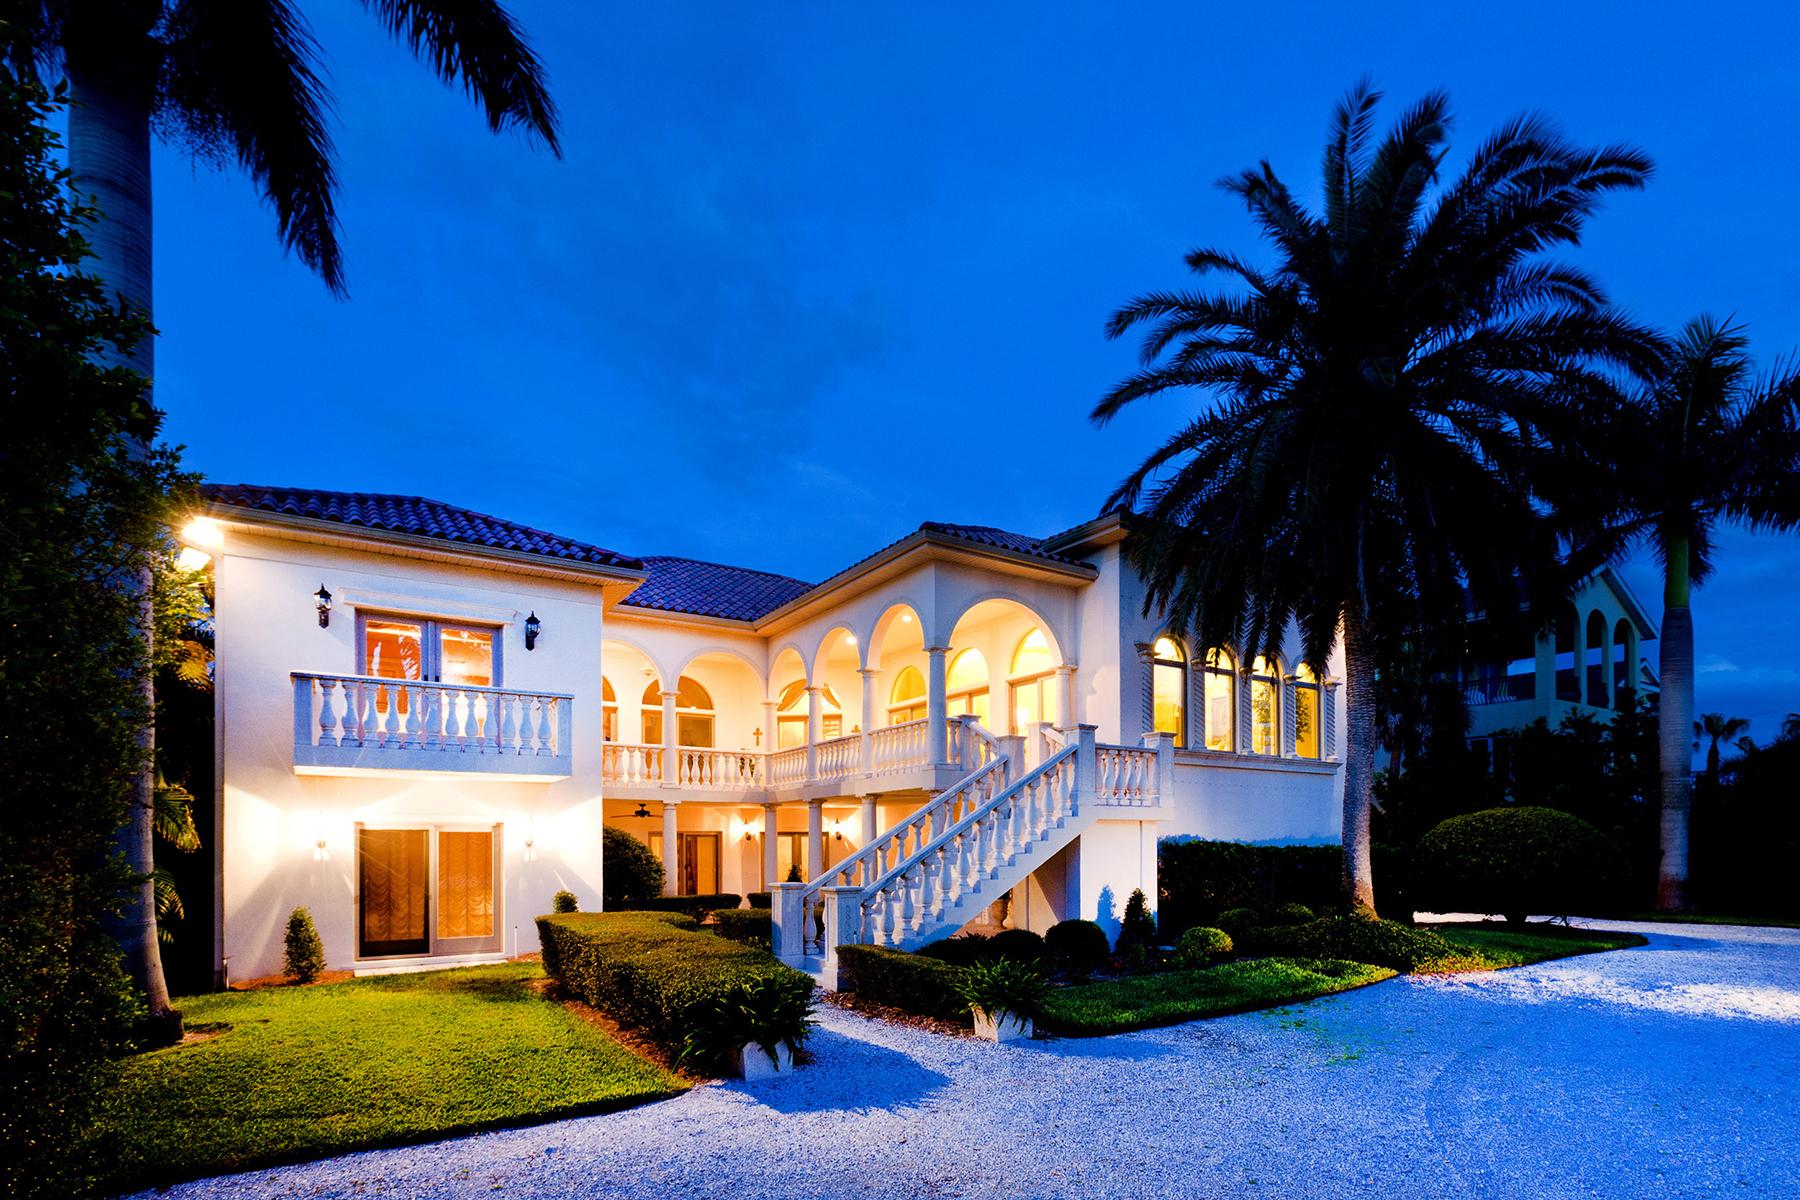 Casa Unifamiliar por un Venta en CASEY KEY 2910 Casey Key Rd Casey Key, Nokomis, Florida 34275 Estados Unidos